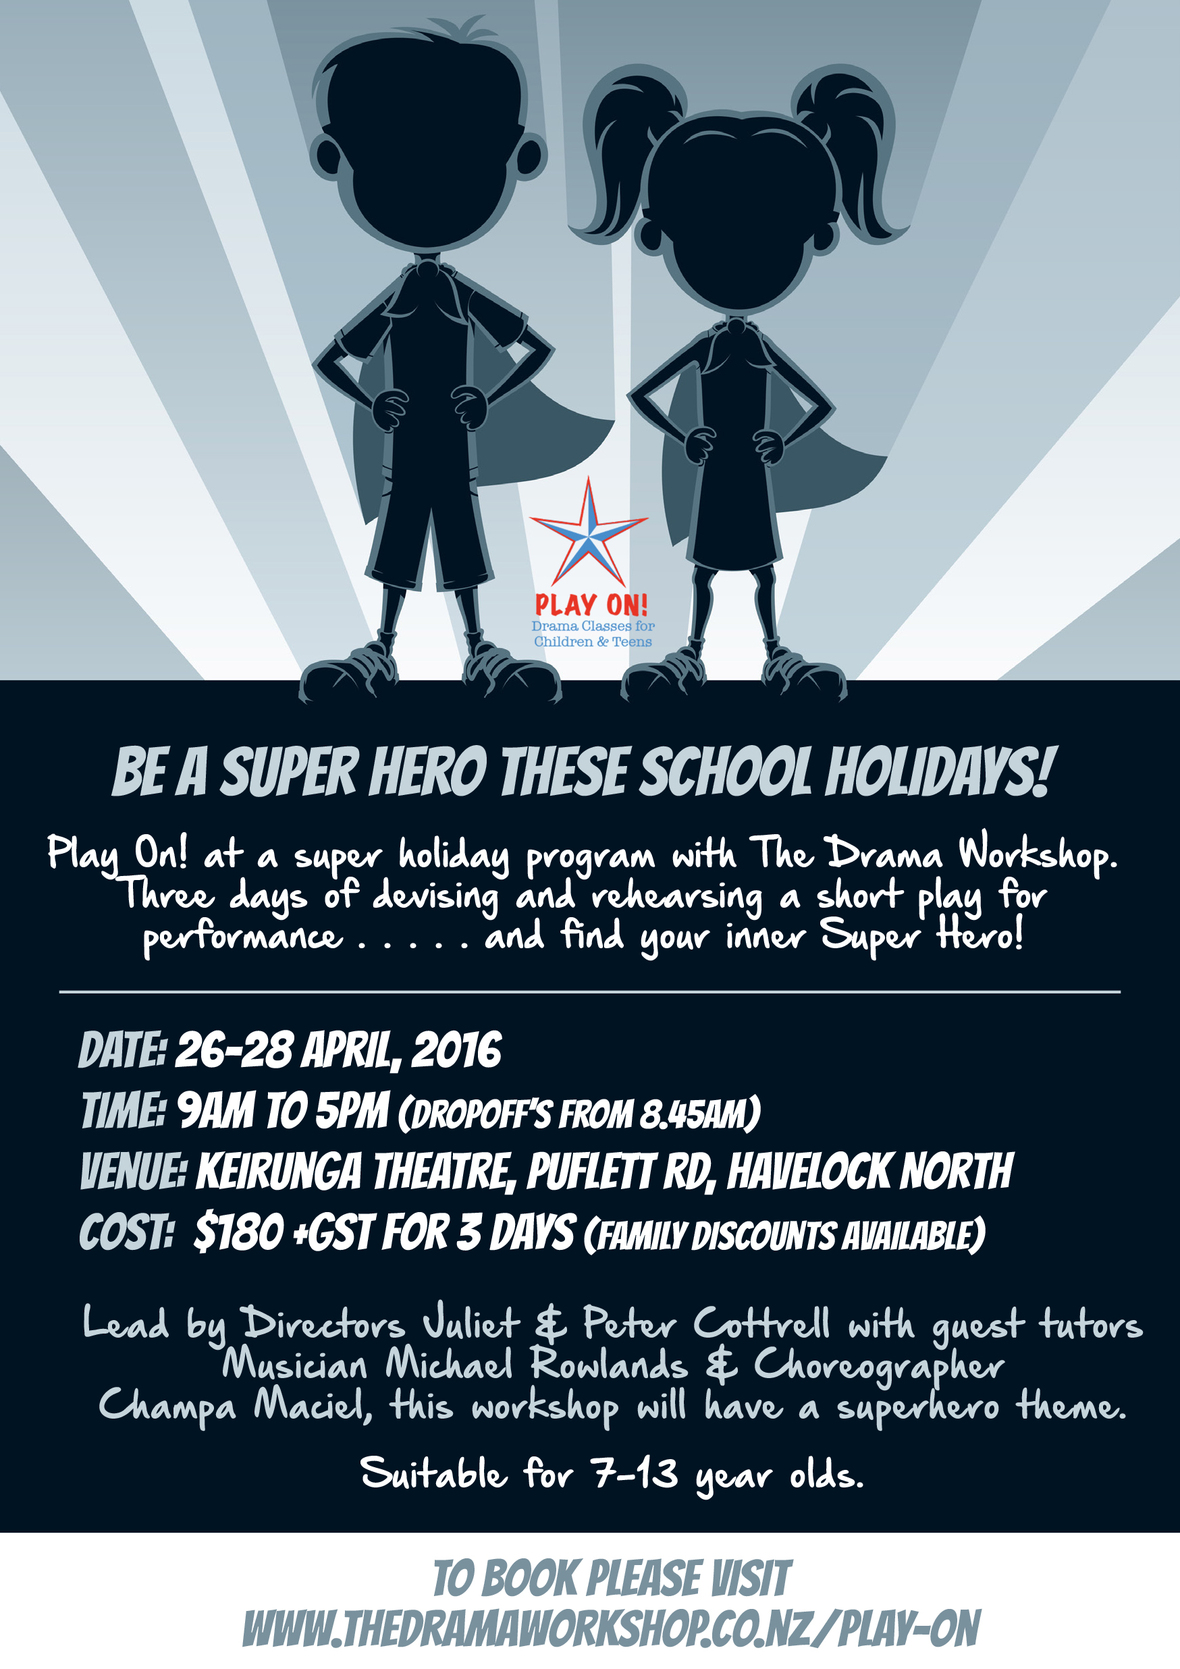 Superhero flyer - A5